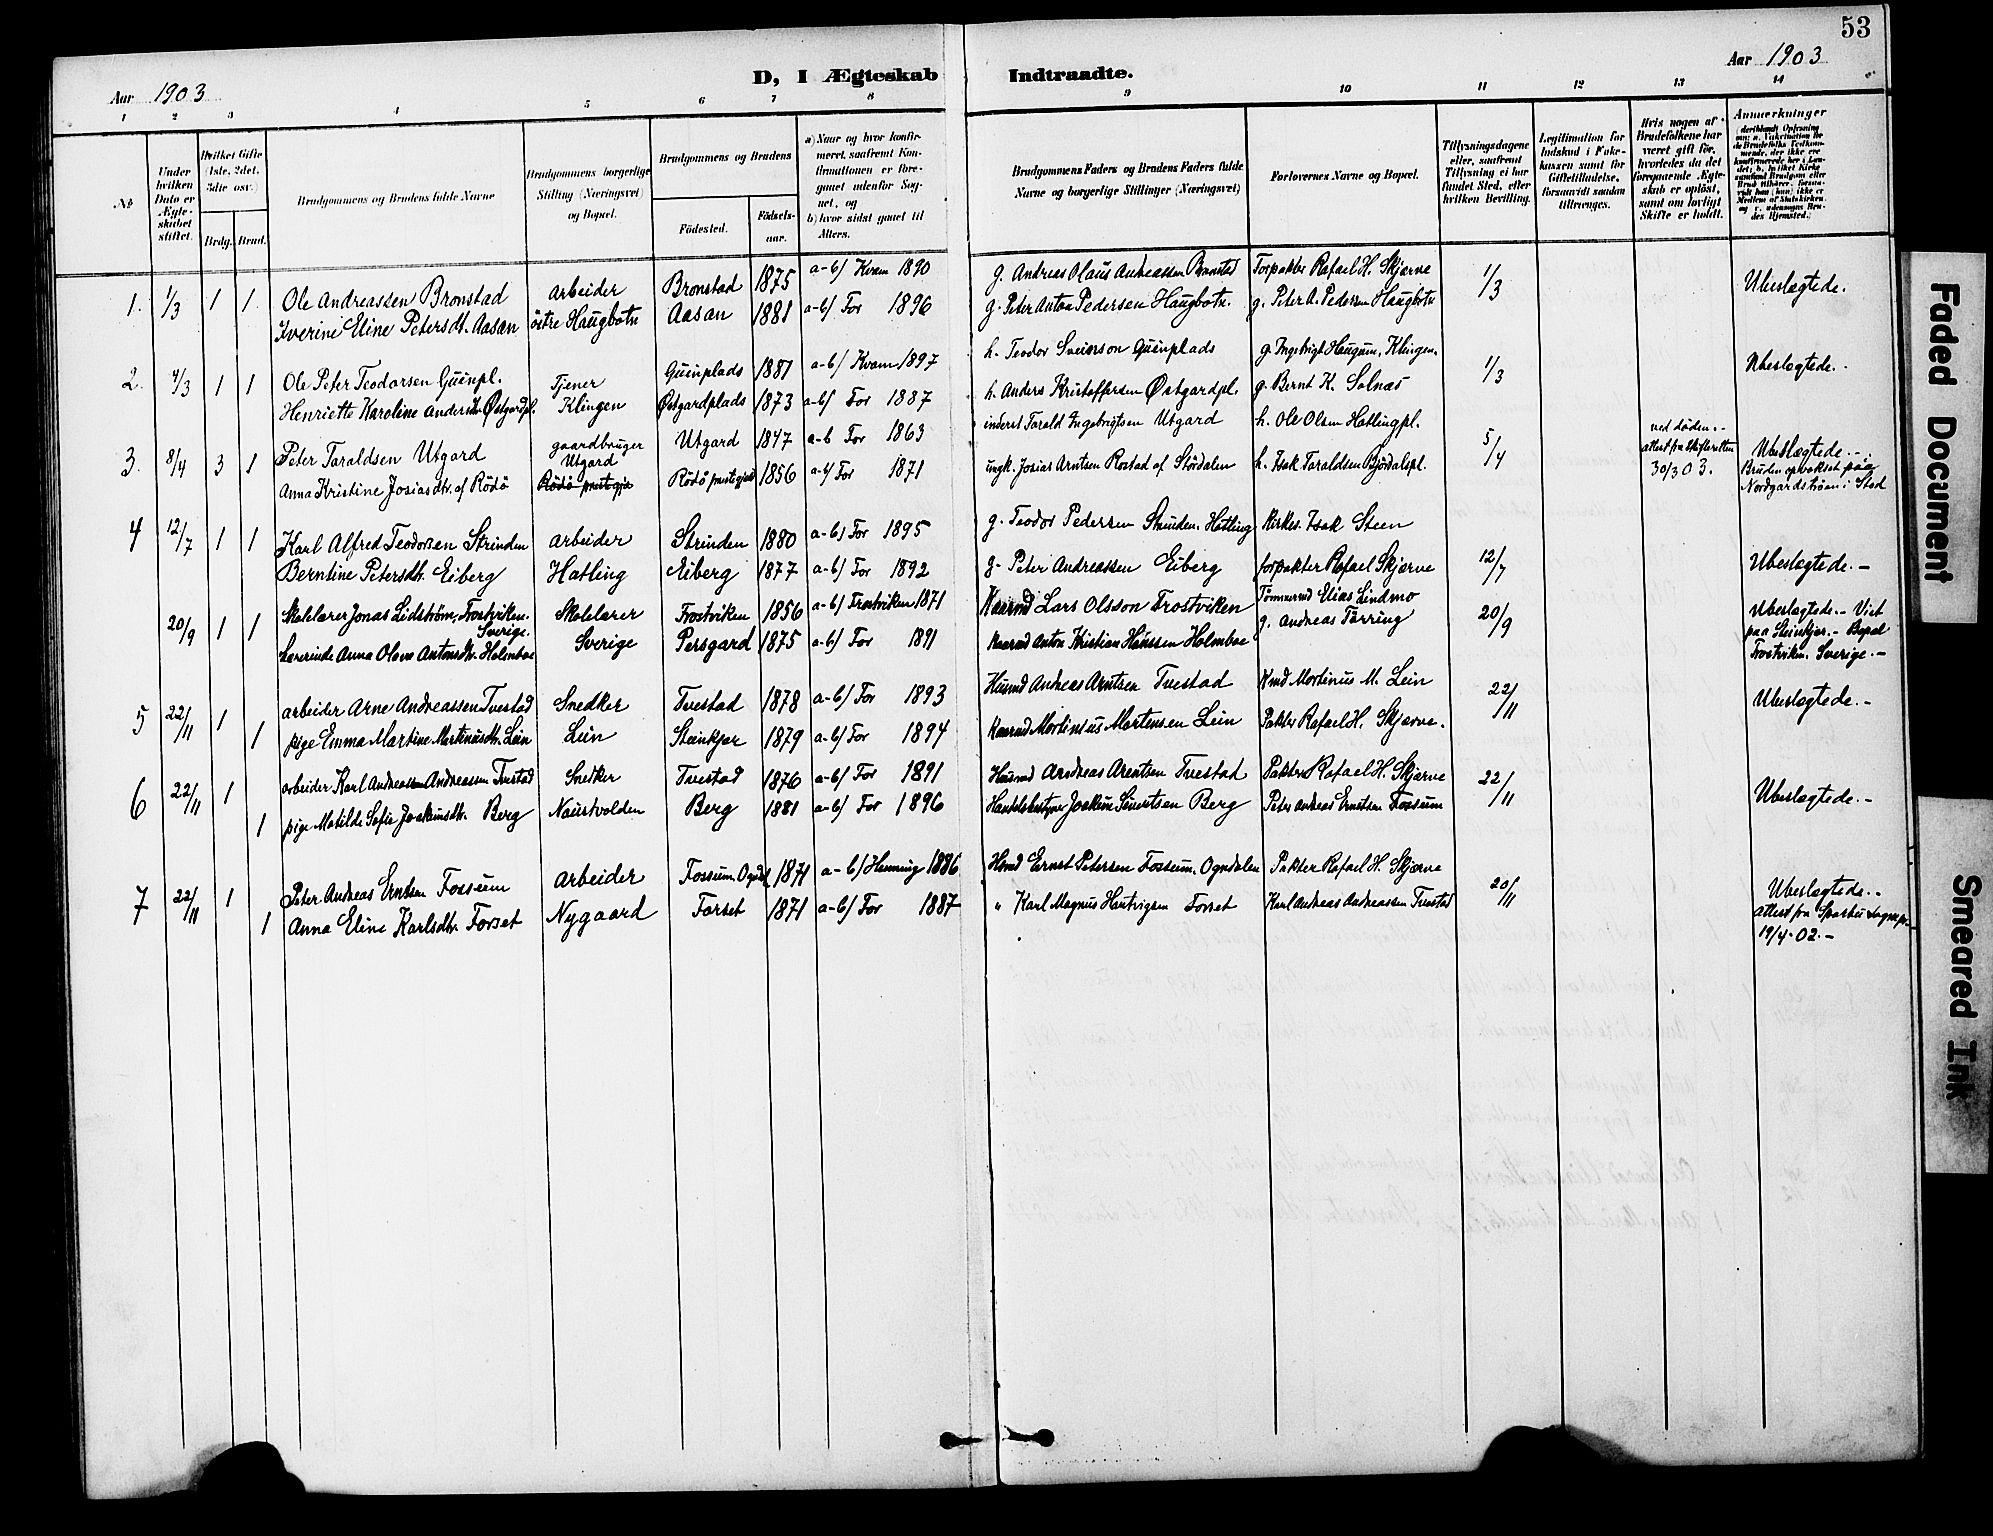 SAT, Ministerialprotokoller, klokkerbøker og fødselsregistre - Nord-Trøndelag, 746/L0452: Ministerialbok nr. 746A09, 1900-1908, s. 53